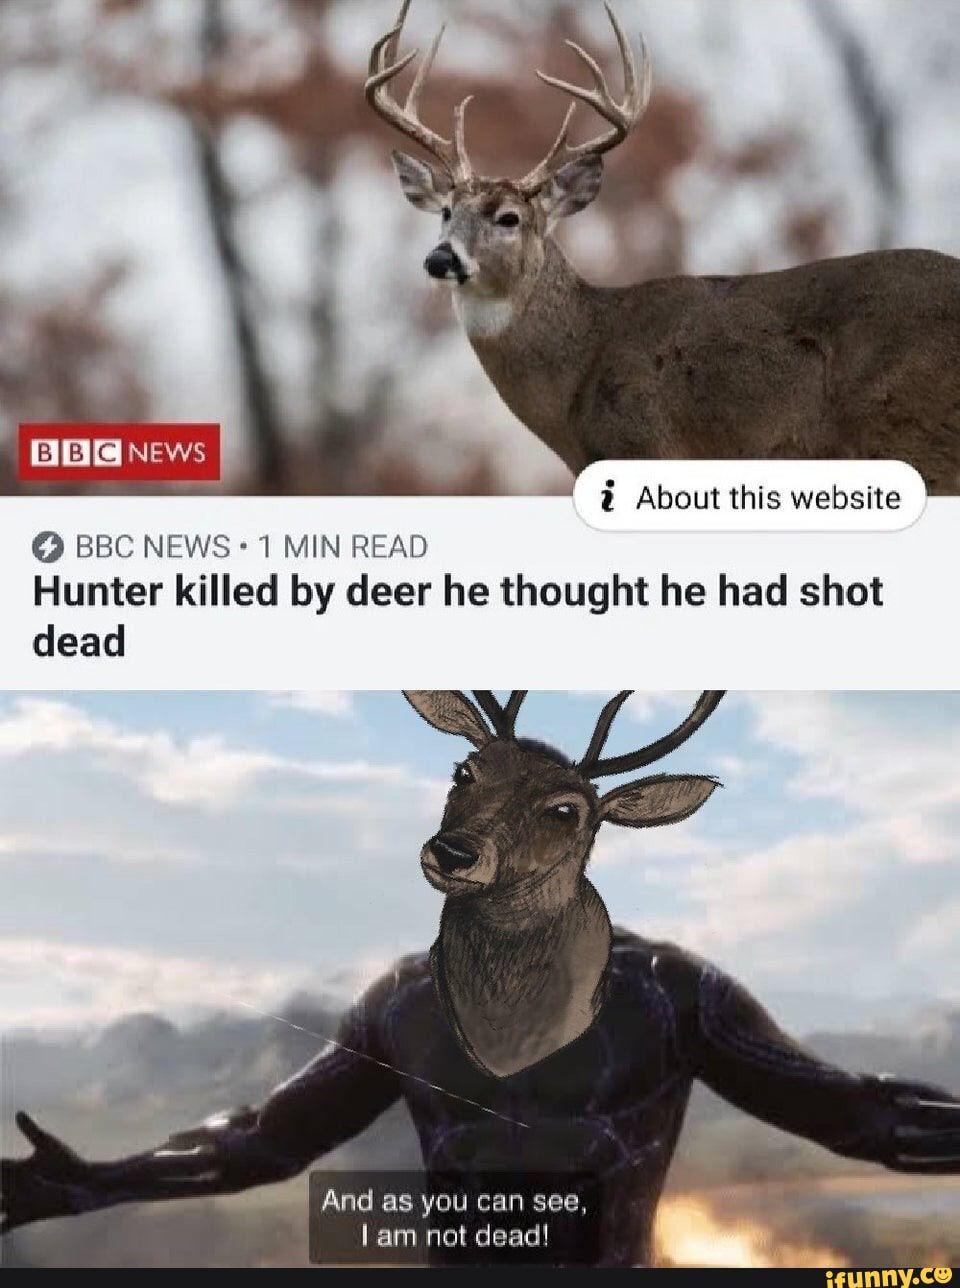 Grassley Revives 'Assume Deer Dead' Meme... | Talking Points Memo